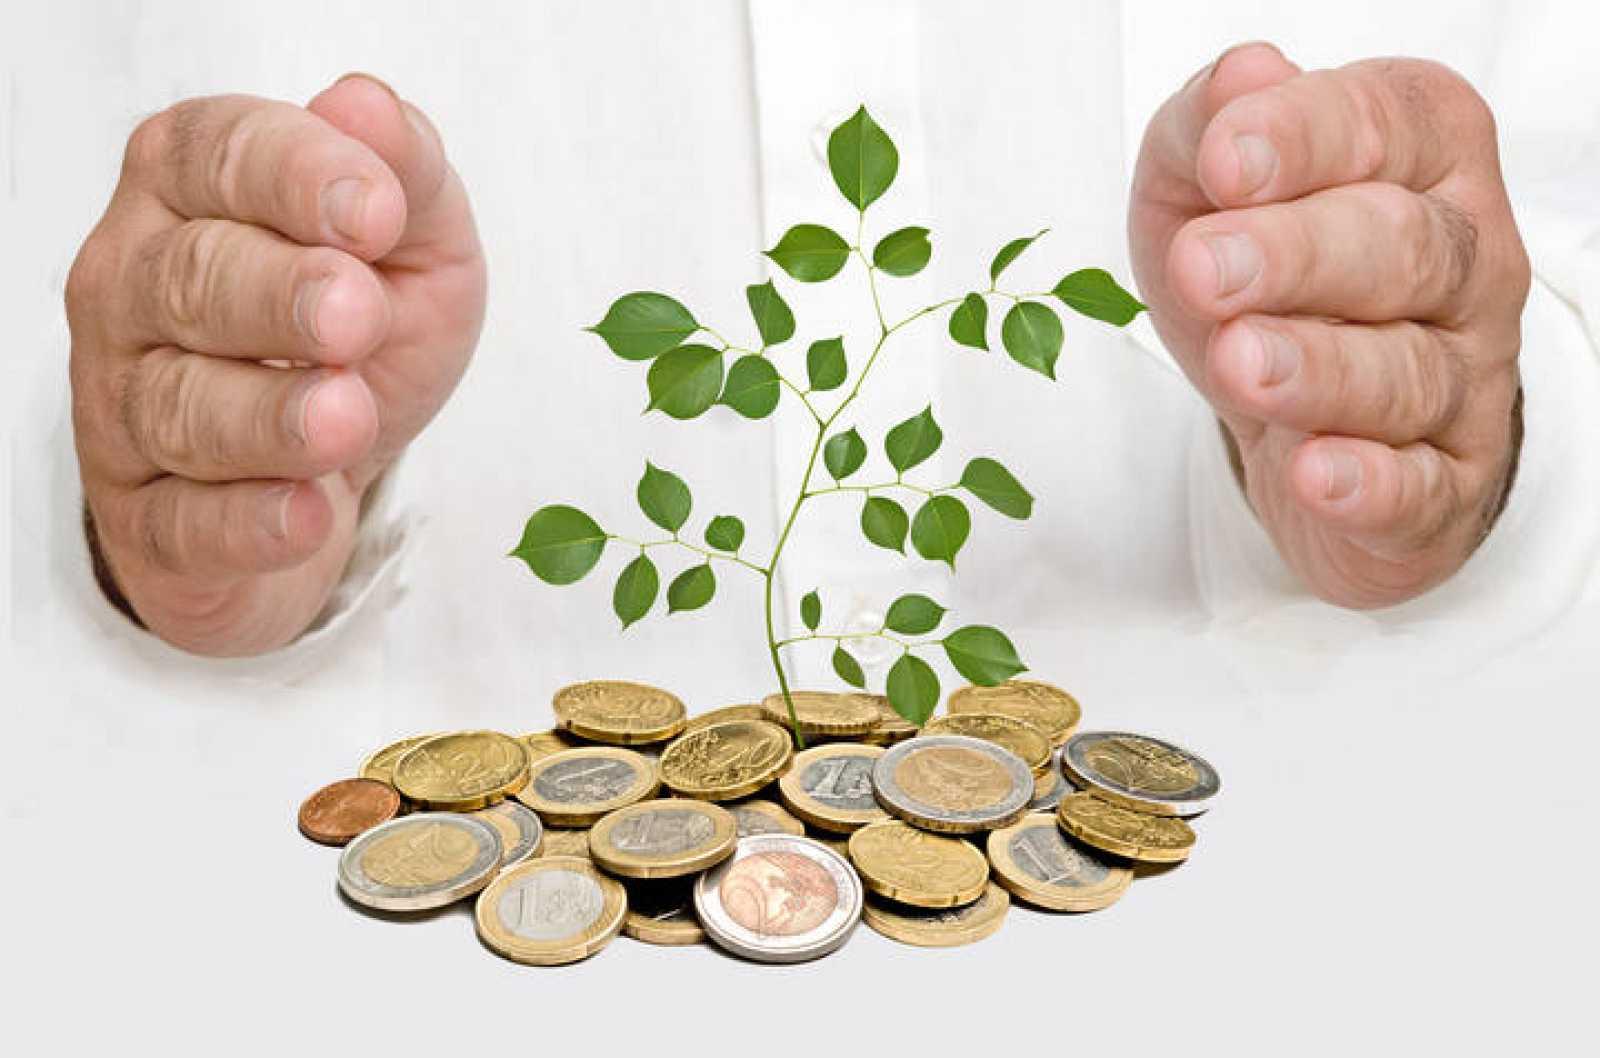 Manos cubirendo un árbol que nace de una pila de dinero.